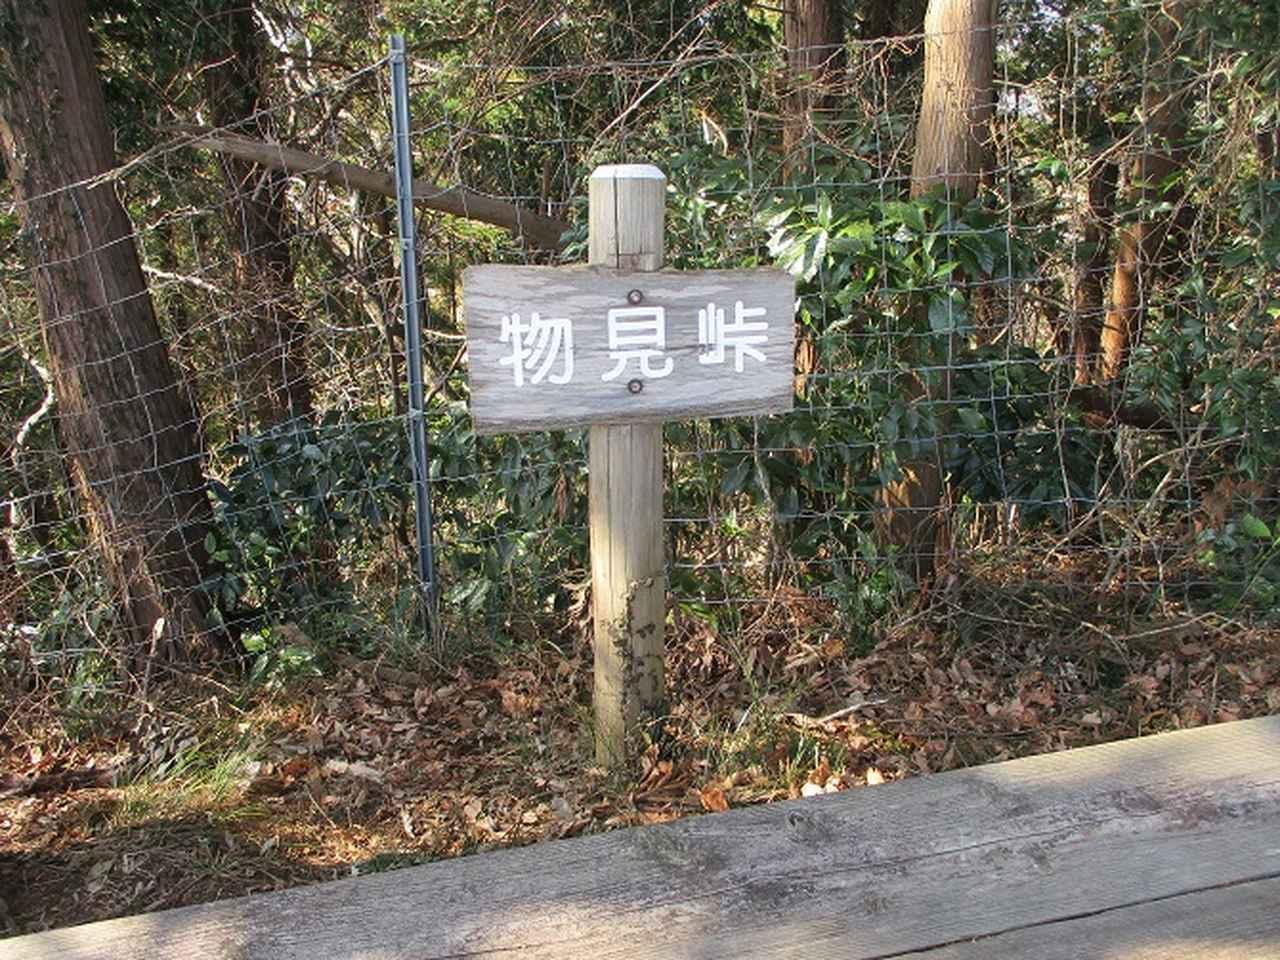 画像5: 2月18日に山旅会 「丹沢白山」 ツアーに行ってきました!